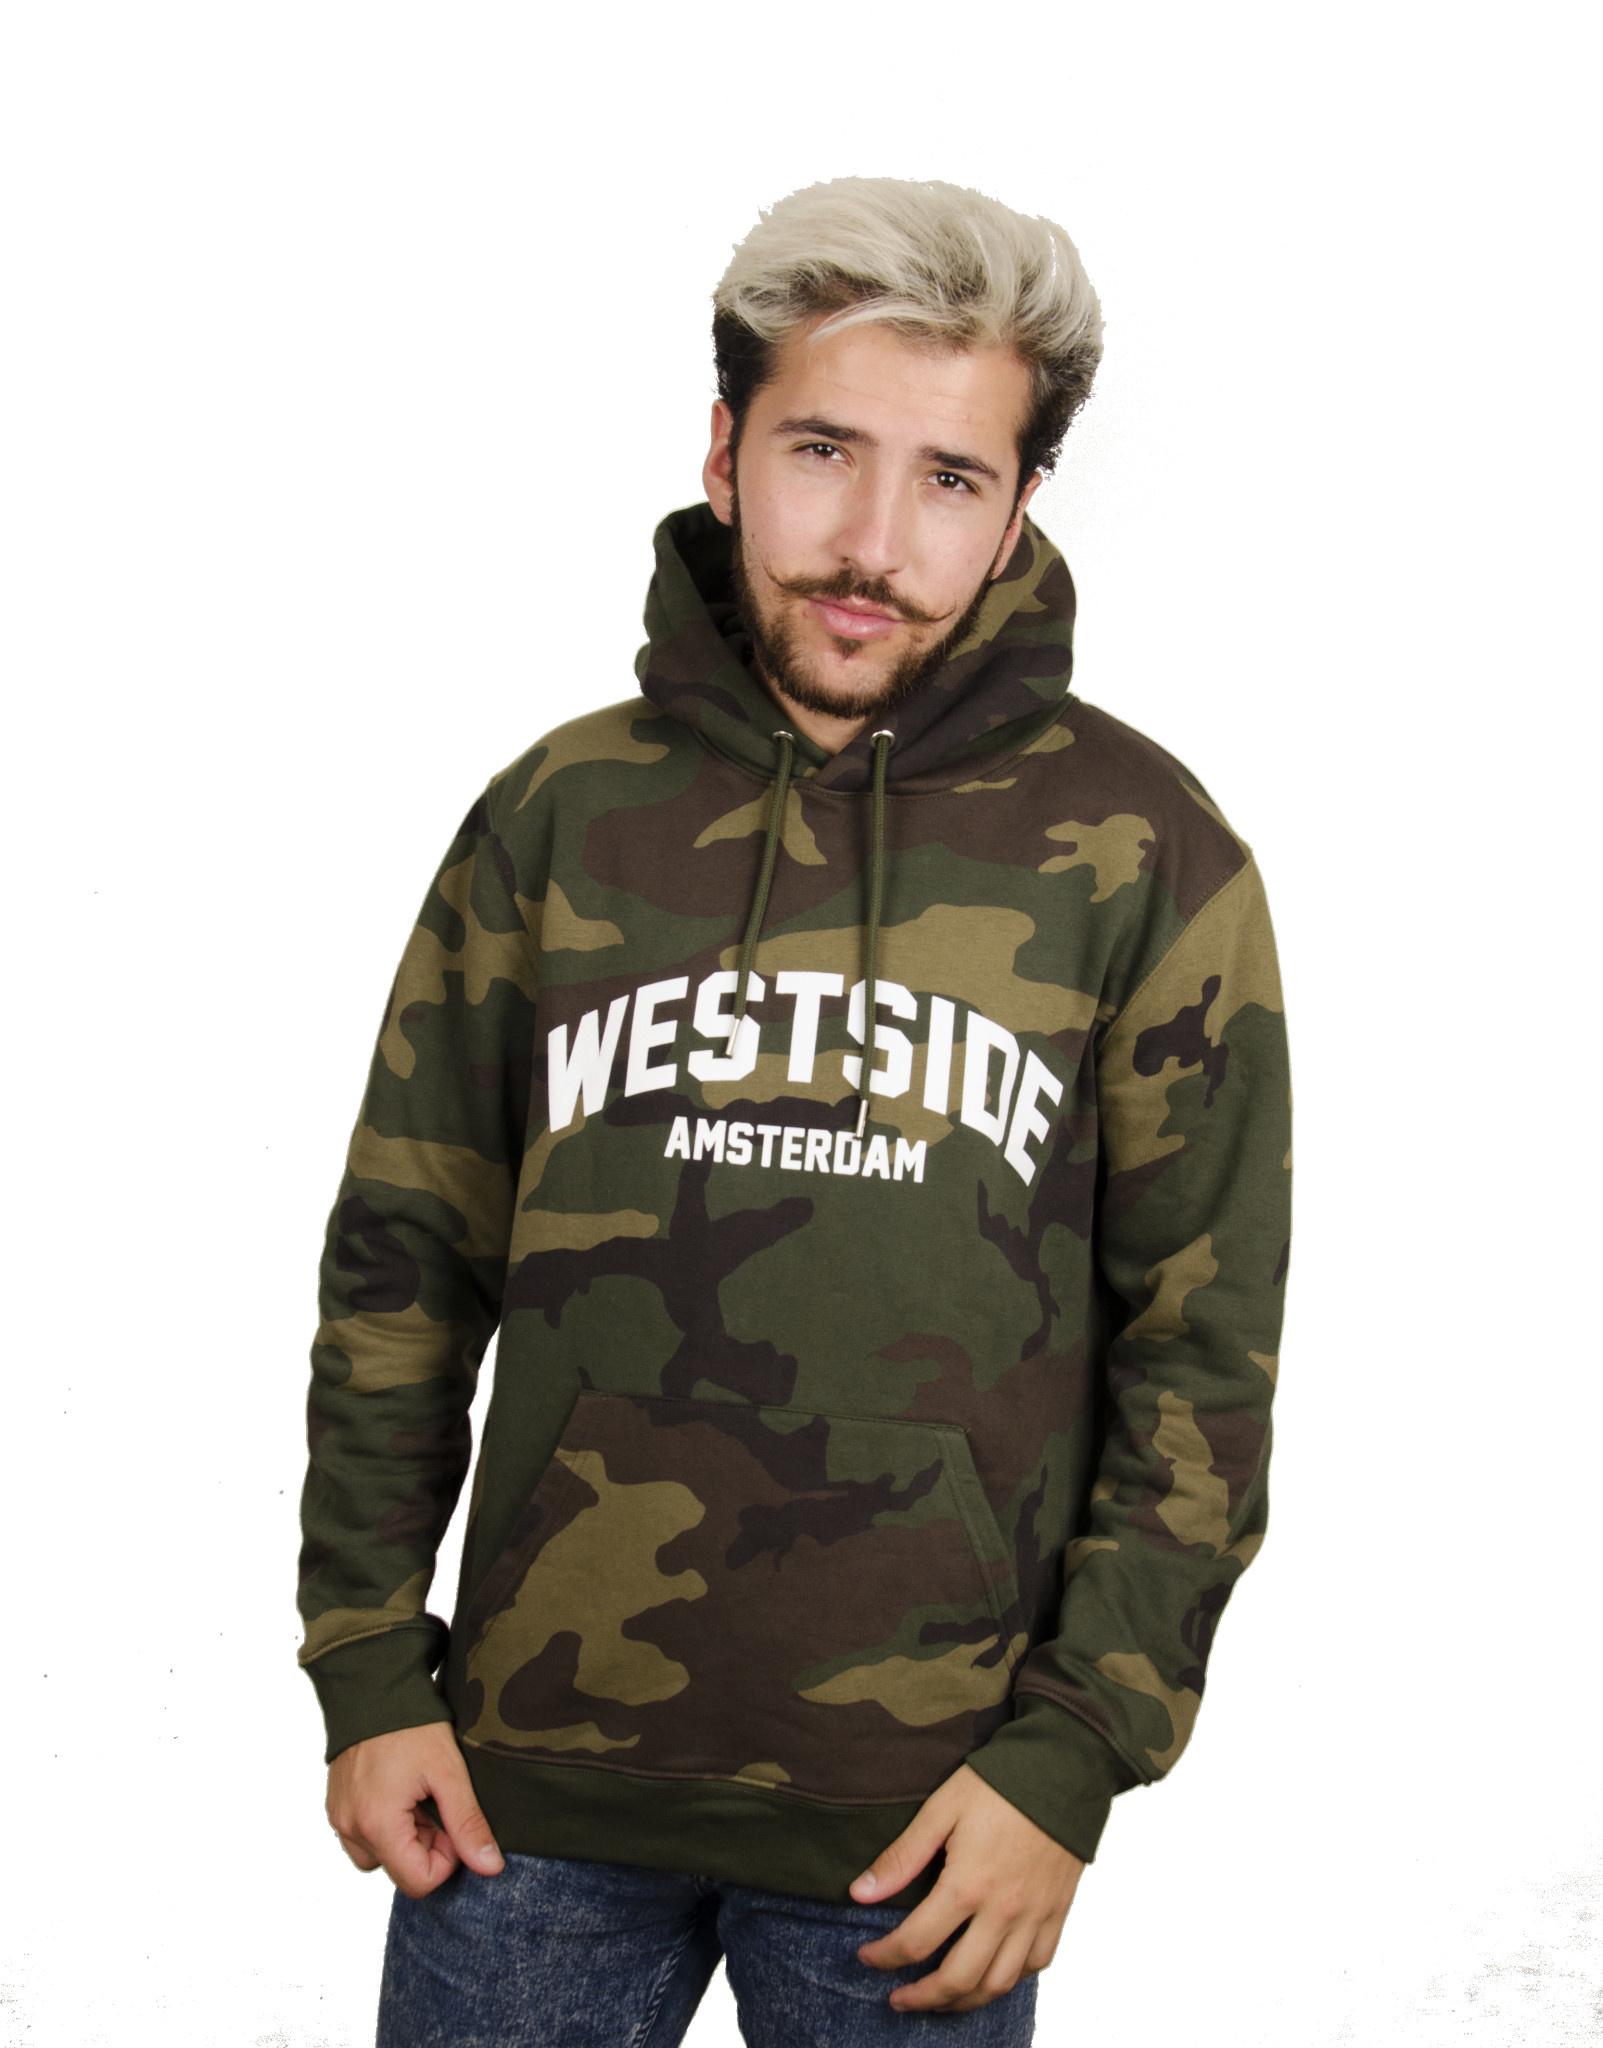 Westside Amsterdam Hoodie - Camouflage